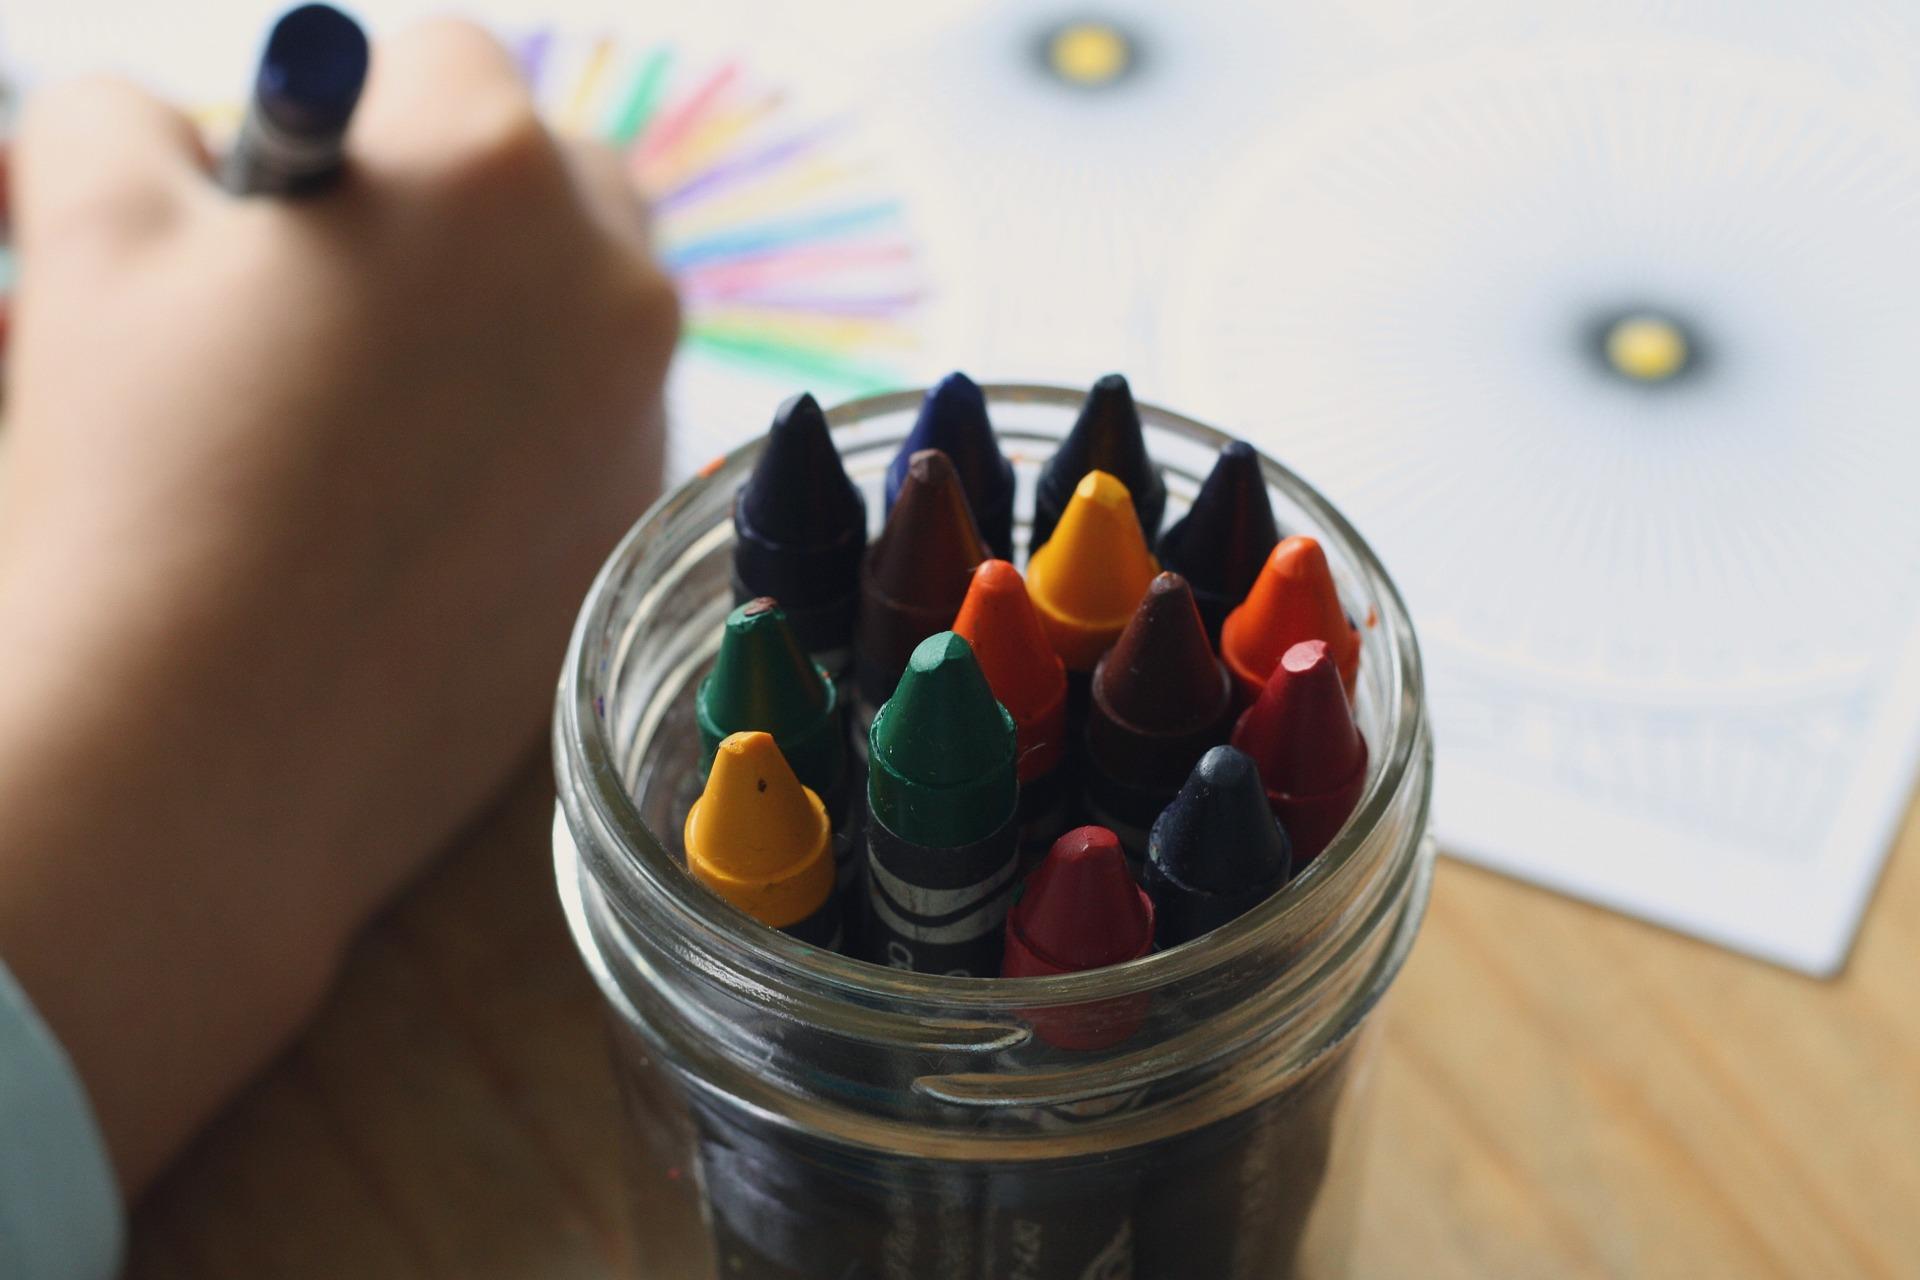 Na pytanie fundacji: czy zdecydowaliby się wesprzeć zdolne dziecko z niezamożnej rodziny, gdyby nie było to bardzo skomplikowane - 89 proc. Polaków odpowiedziało twierdząco. (fot. pixabay.com)